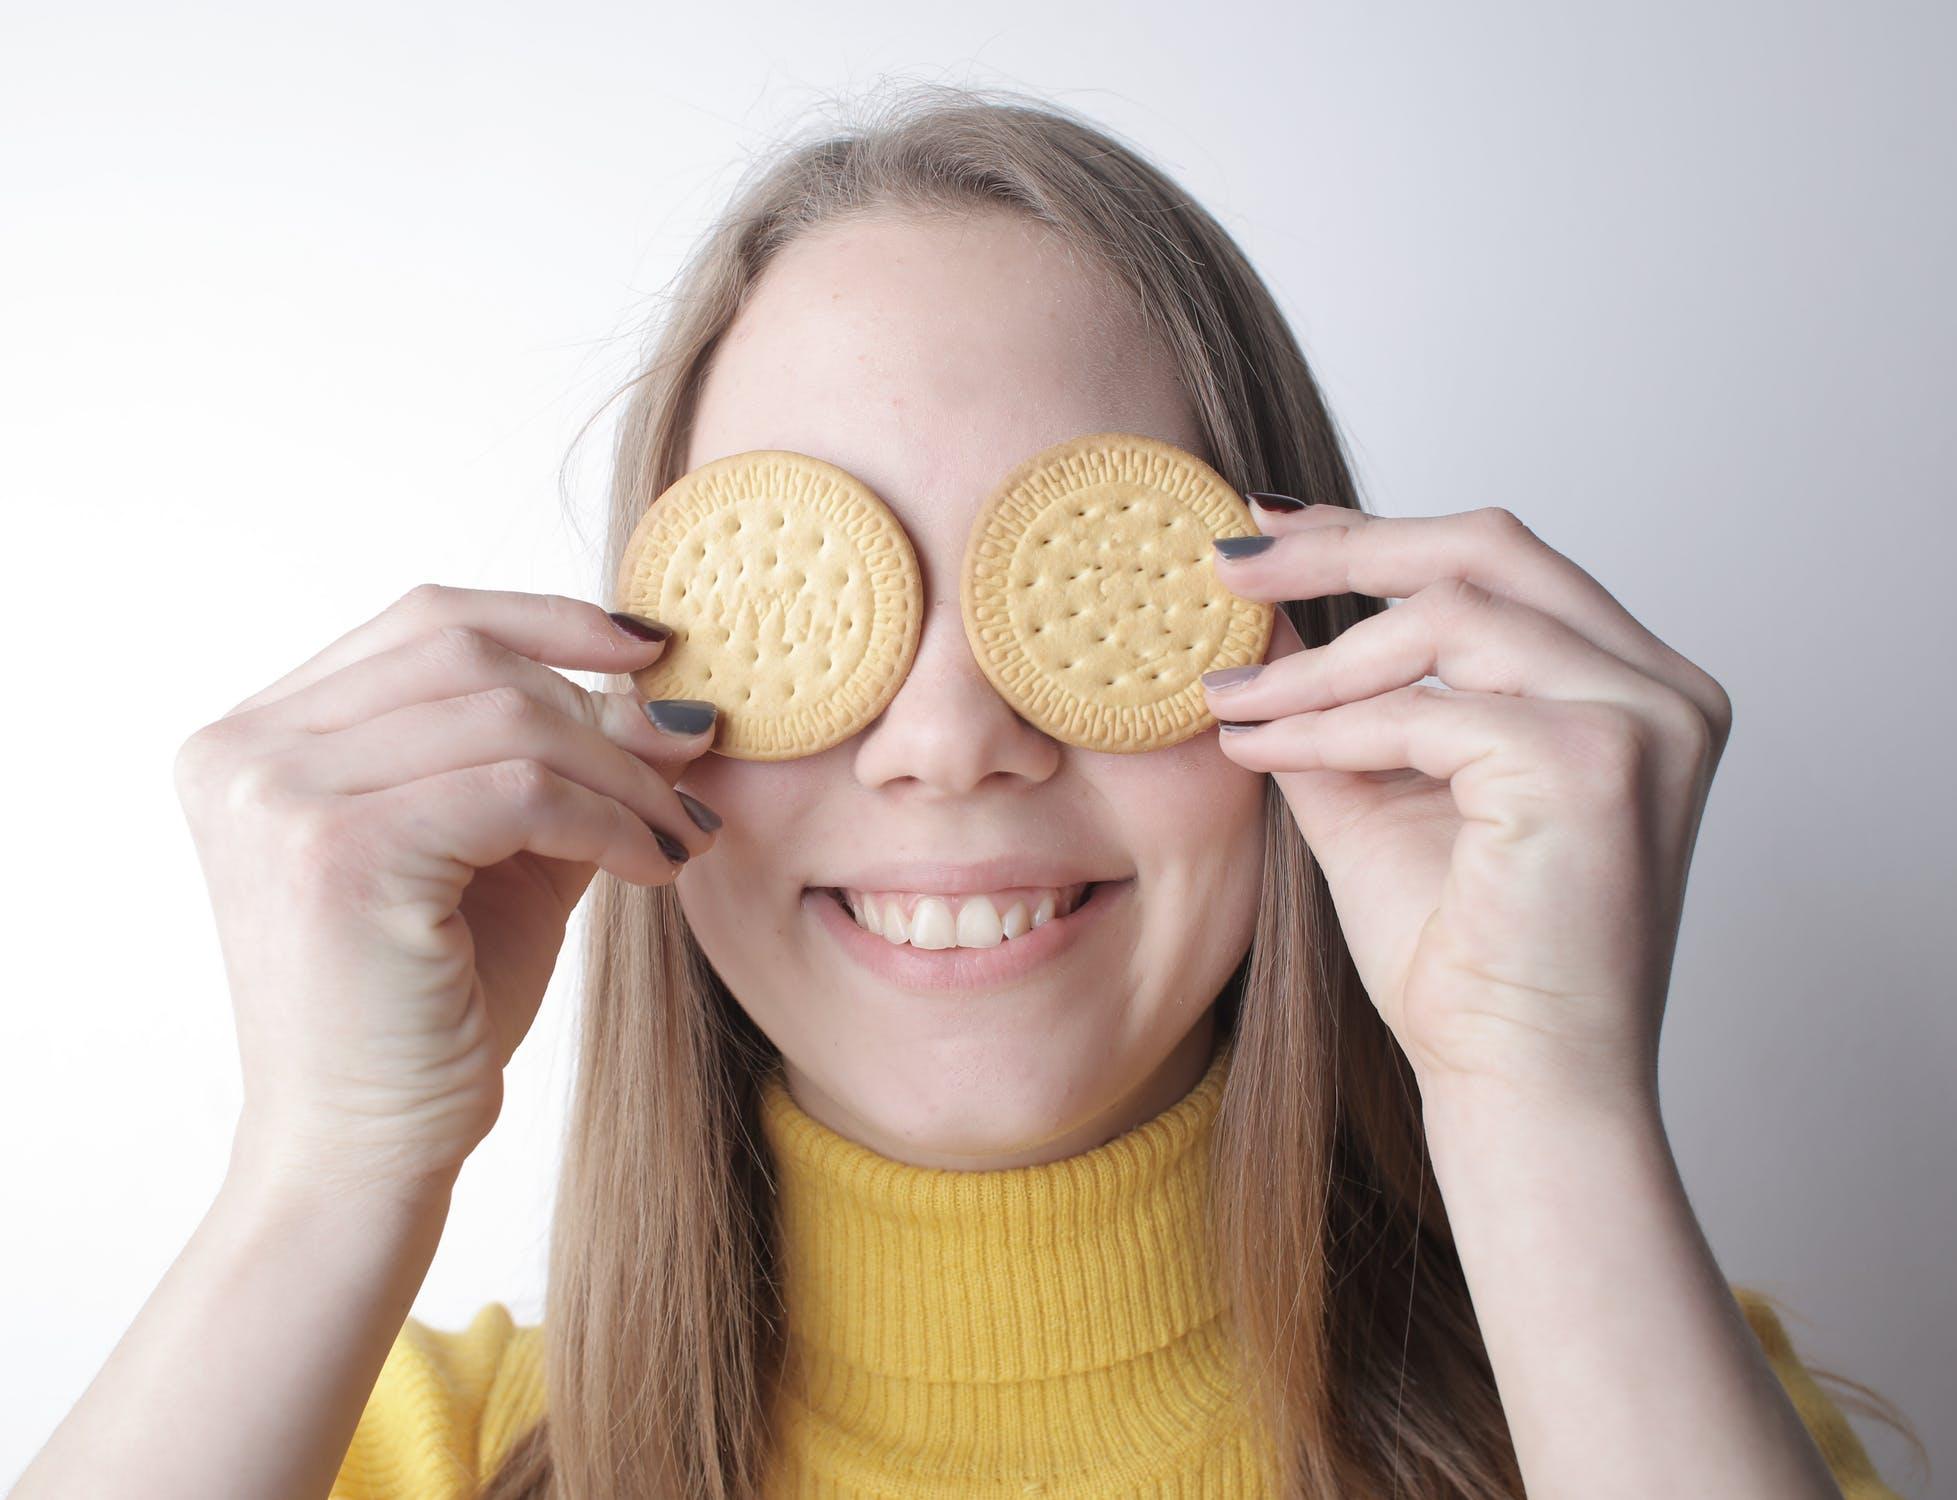 sušenky na očích